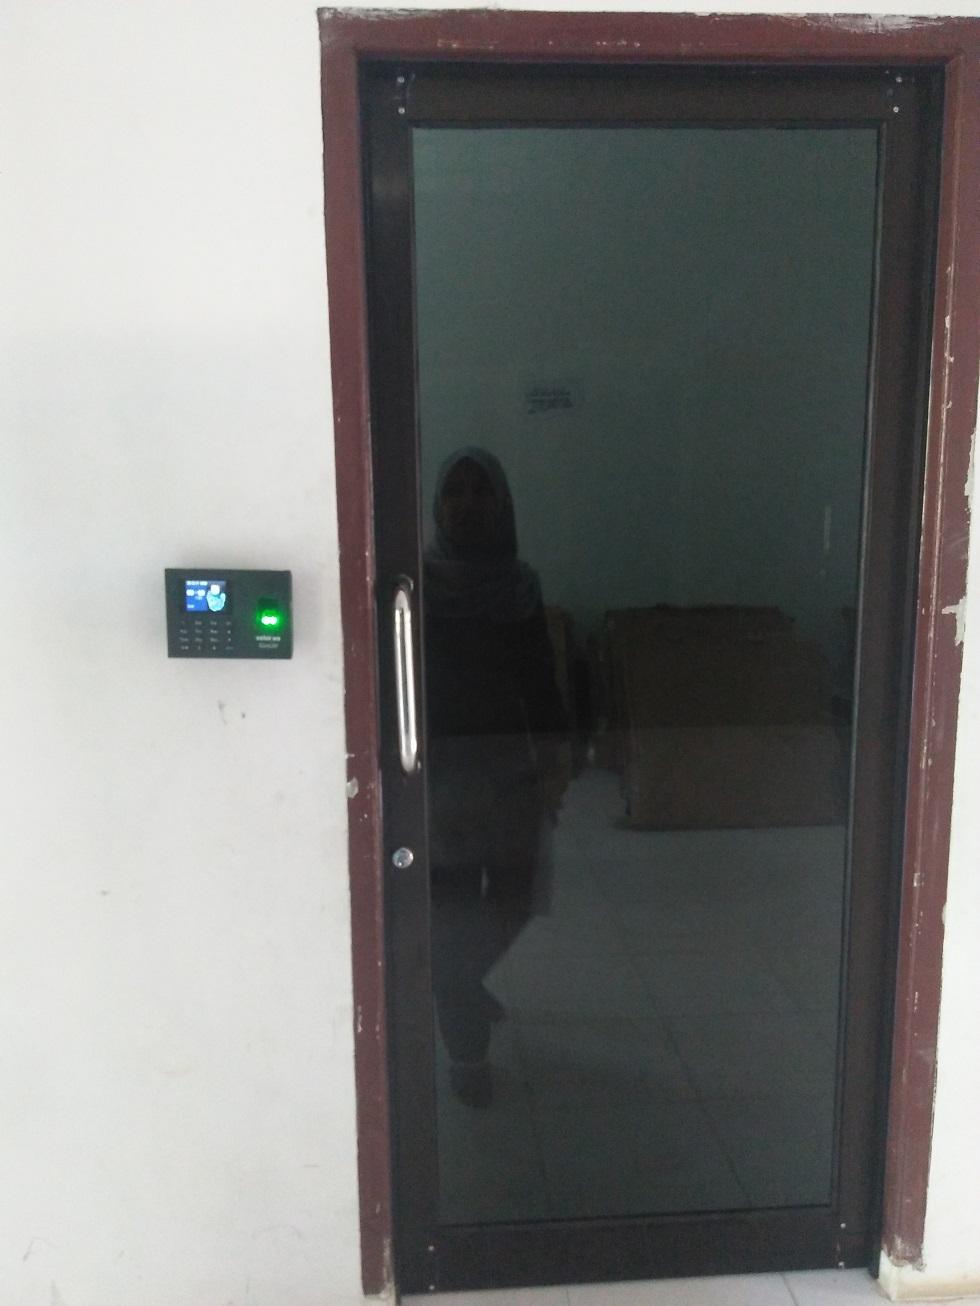 Pintu di Kantor Pemko Tanjungbalai menggunakan Fingerprint.